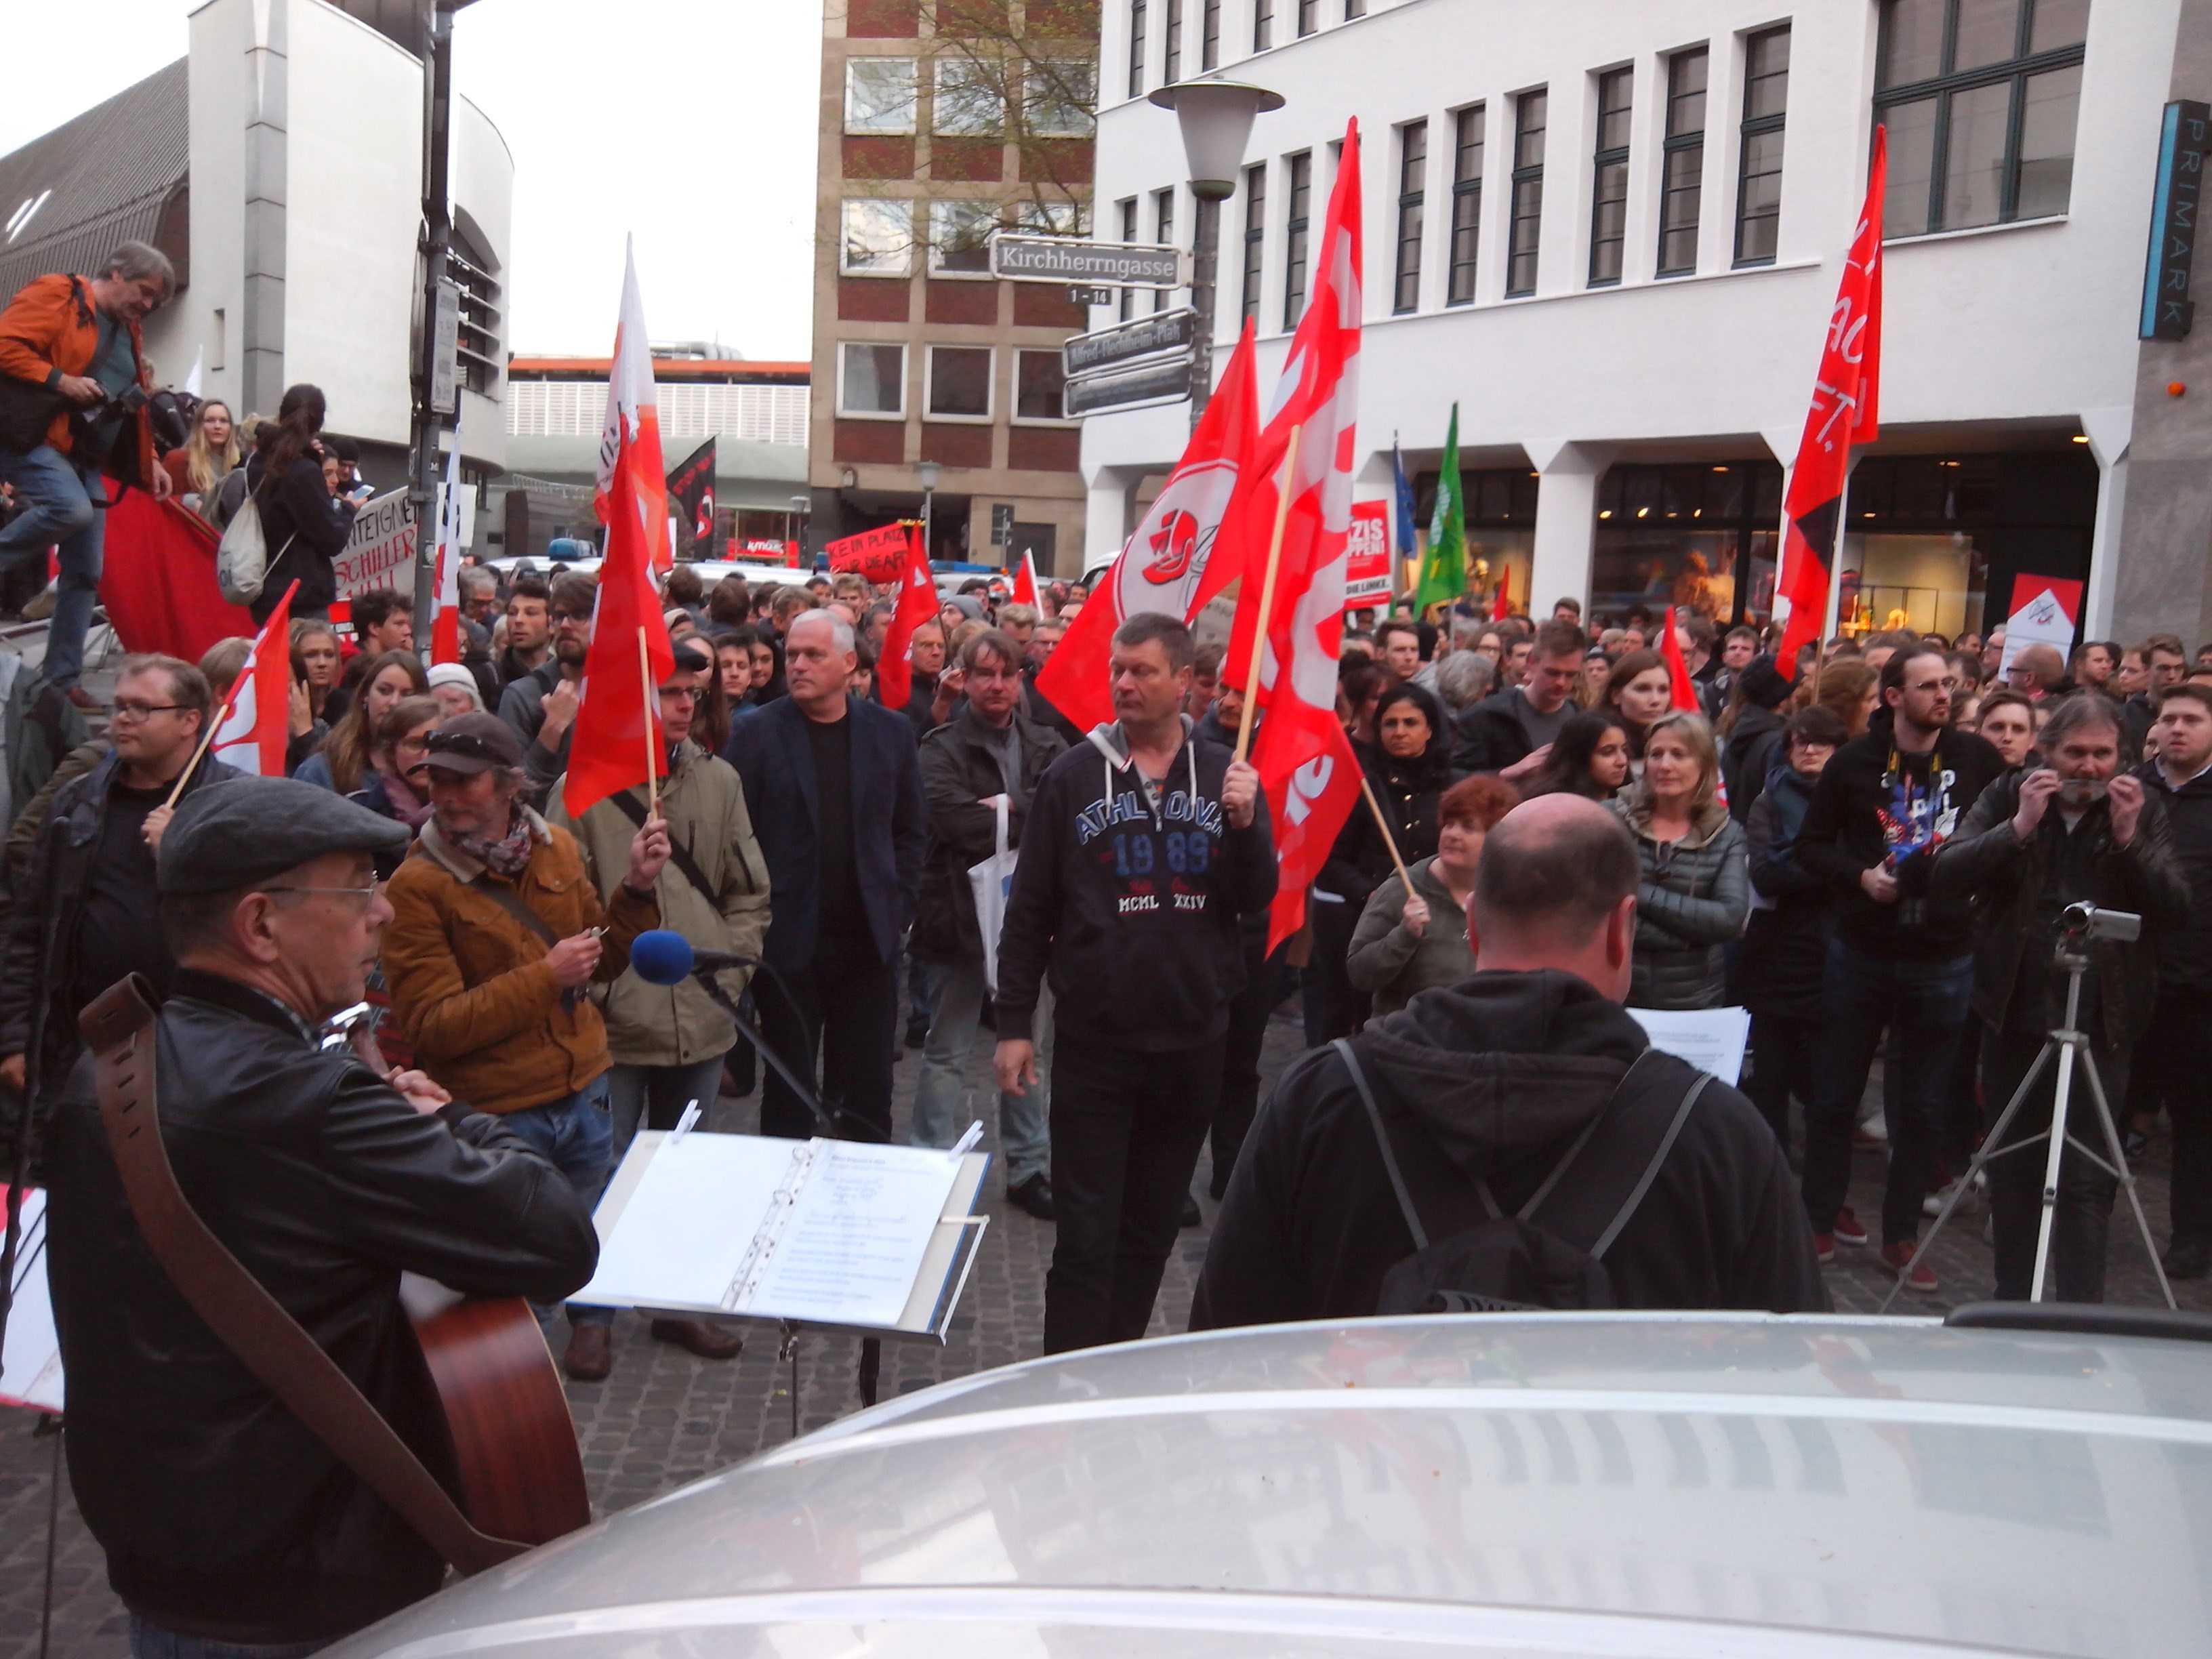 Afd Demo Münster